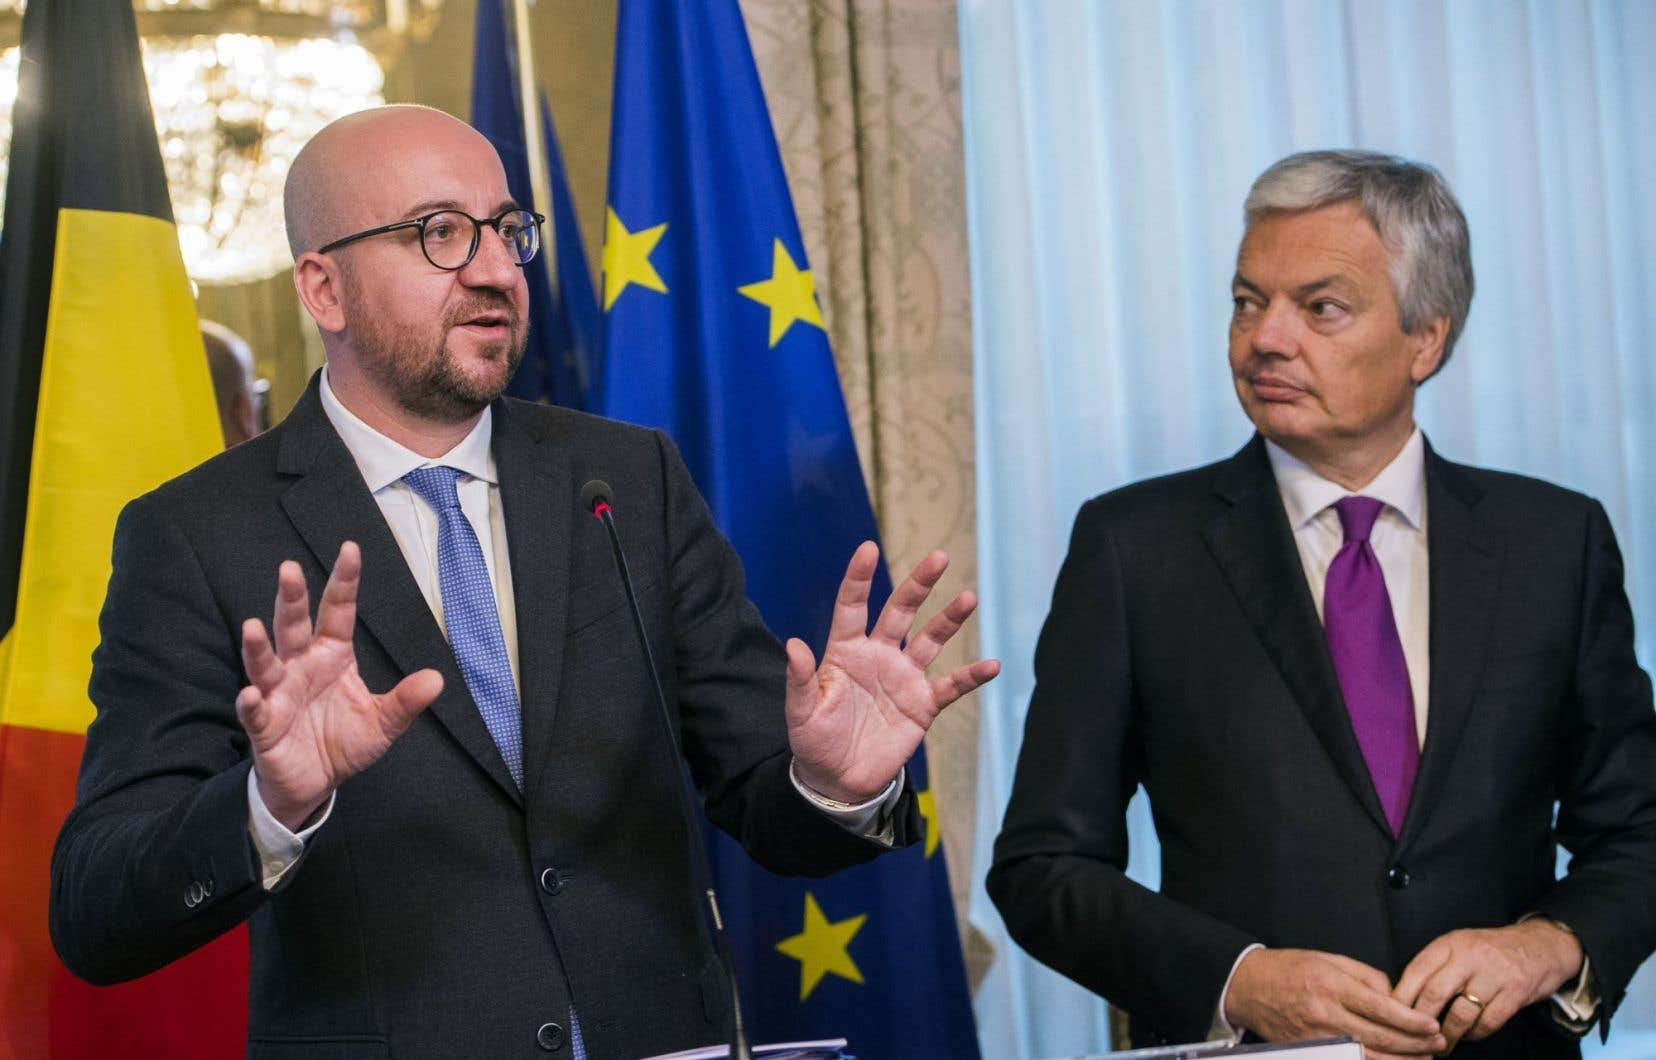 Le premier ministre belge, Charles Michel, et son ministre des Affaires étrangères, Didier Reynders